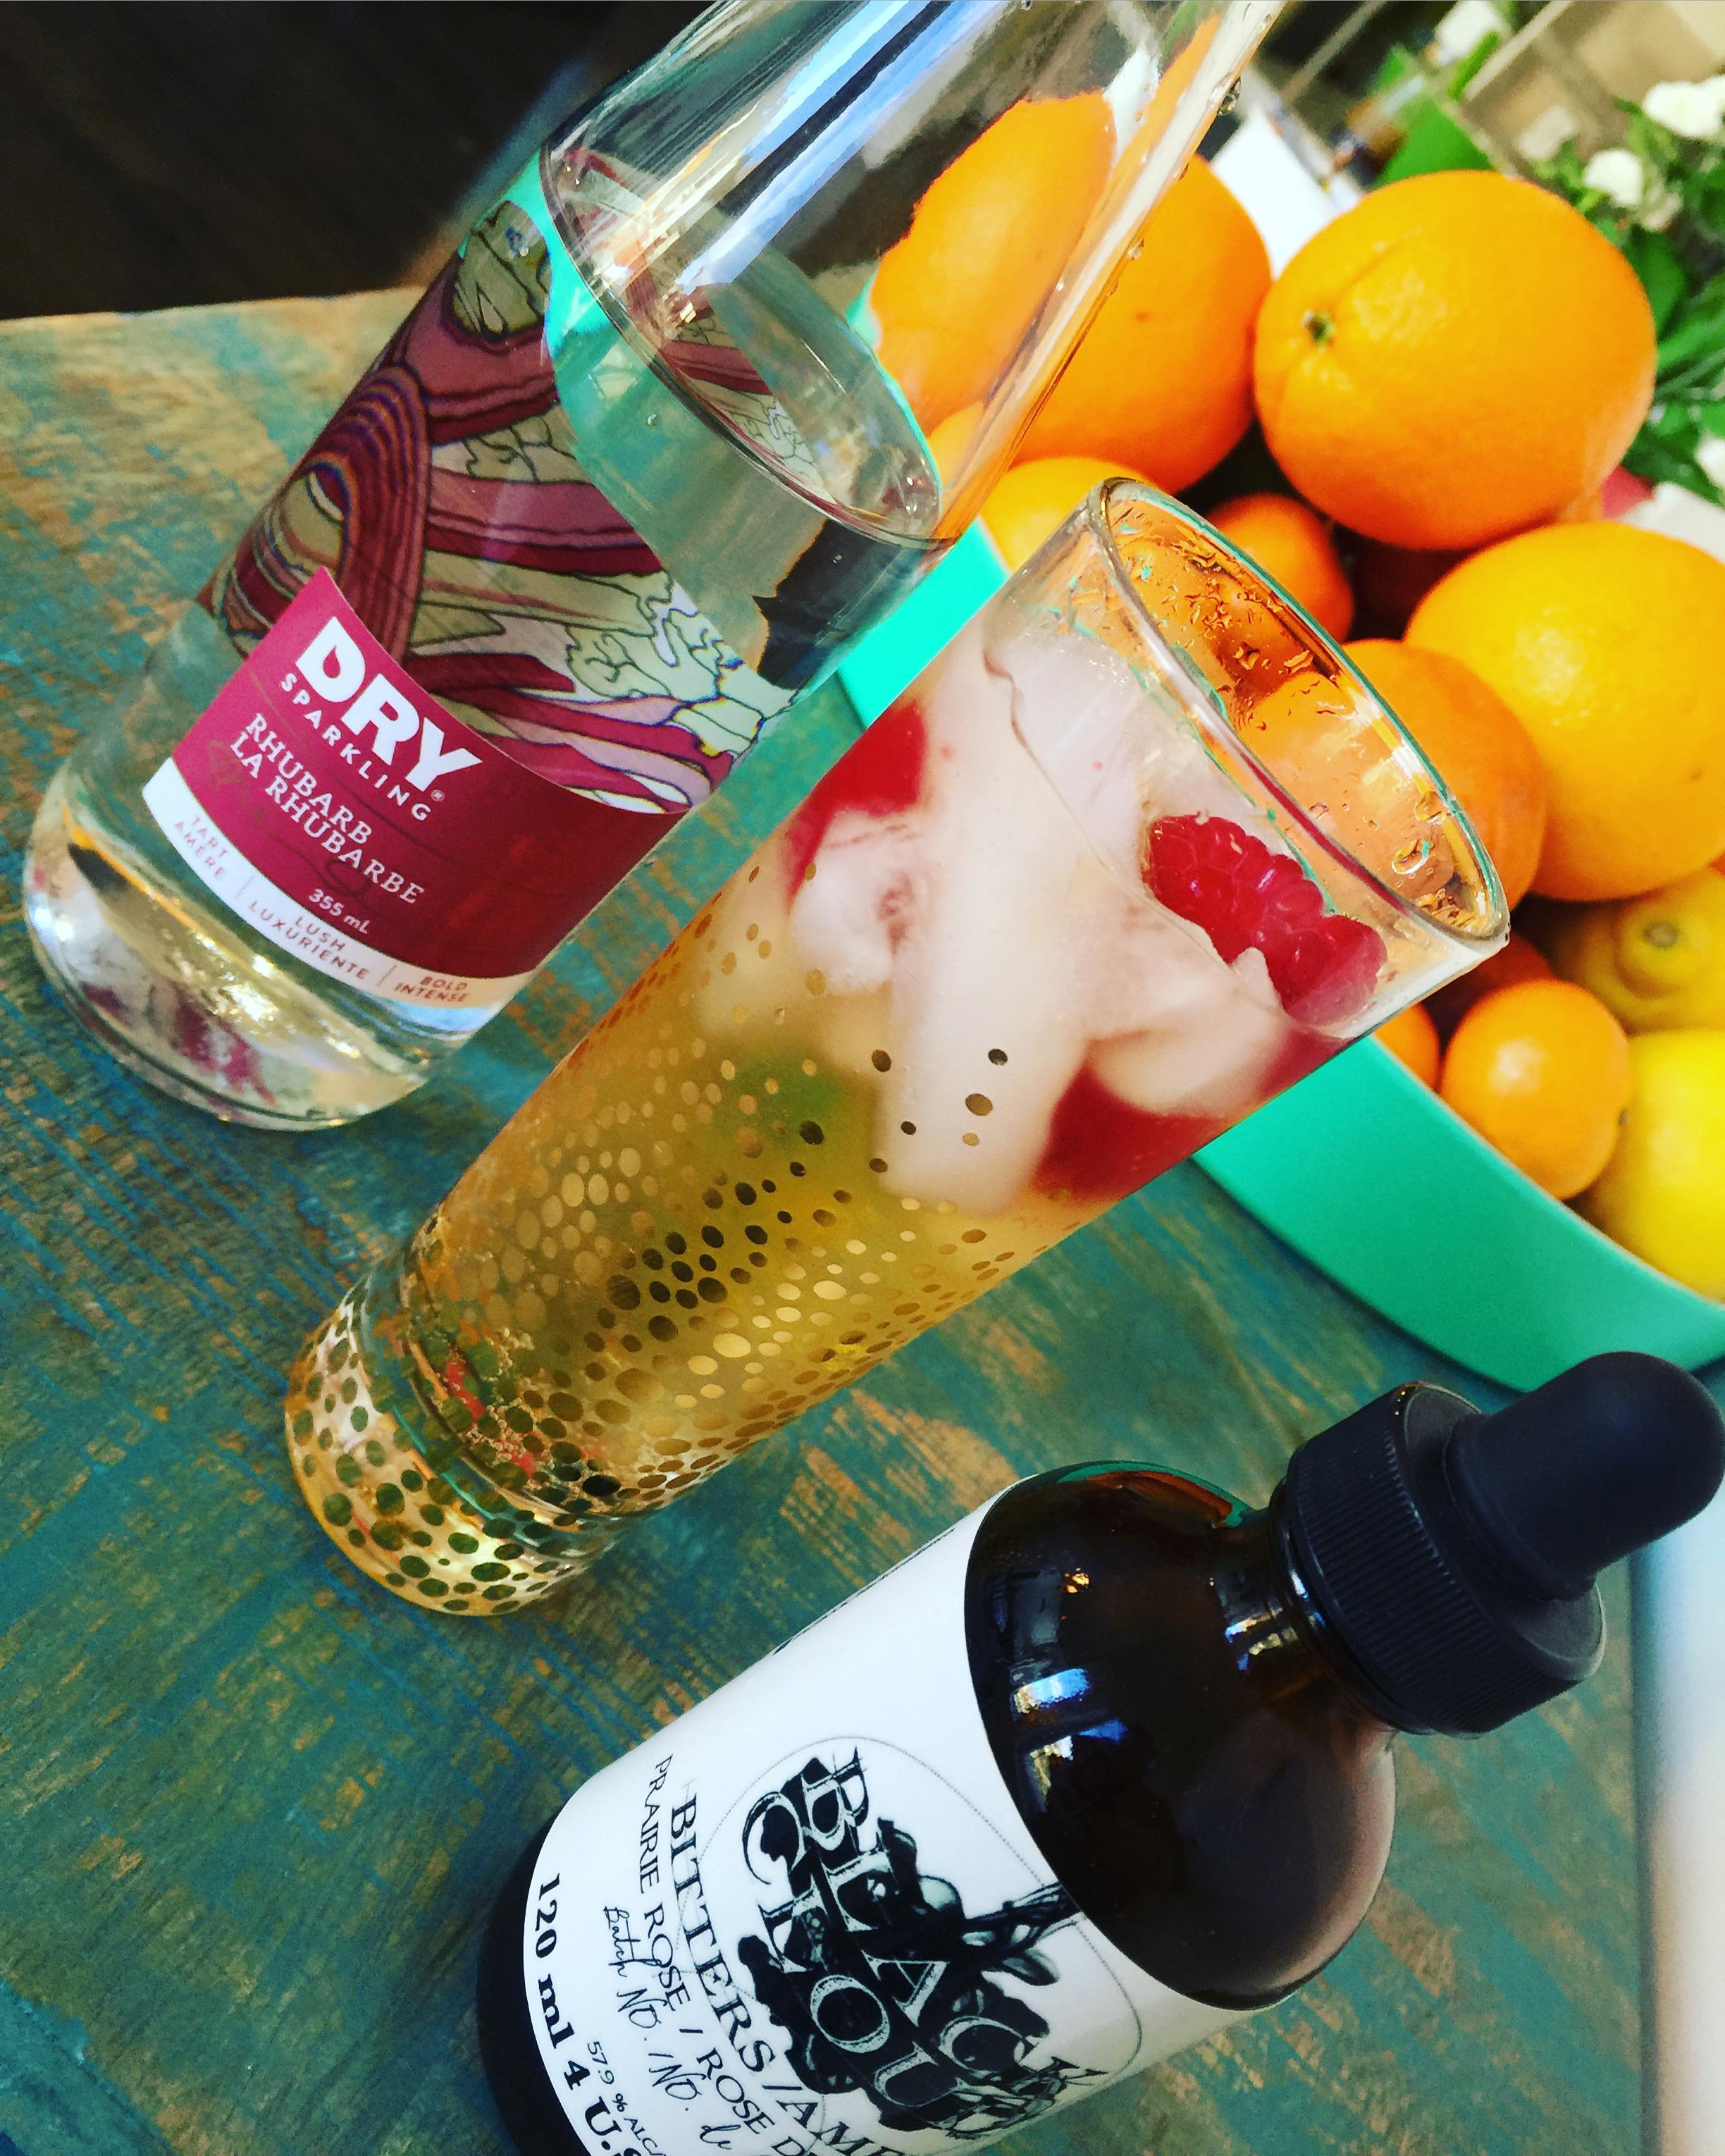 Rhubard and Cedar Soda